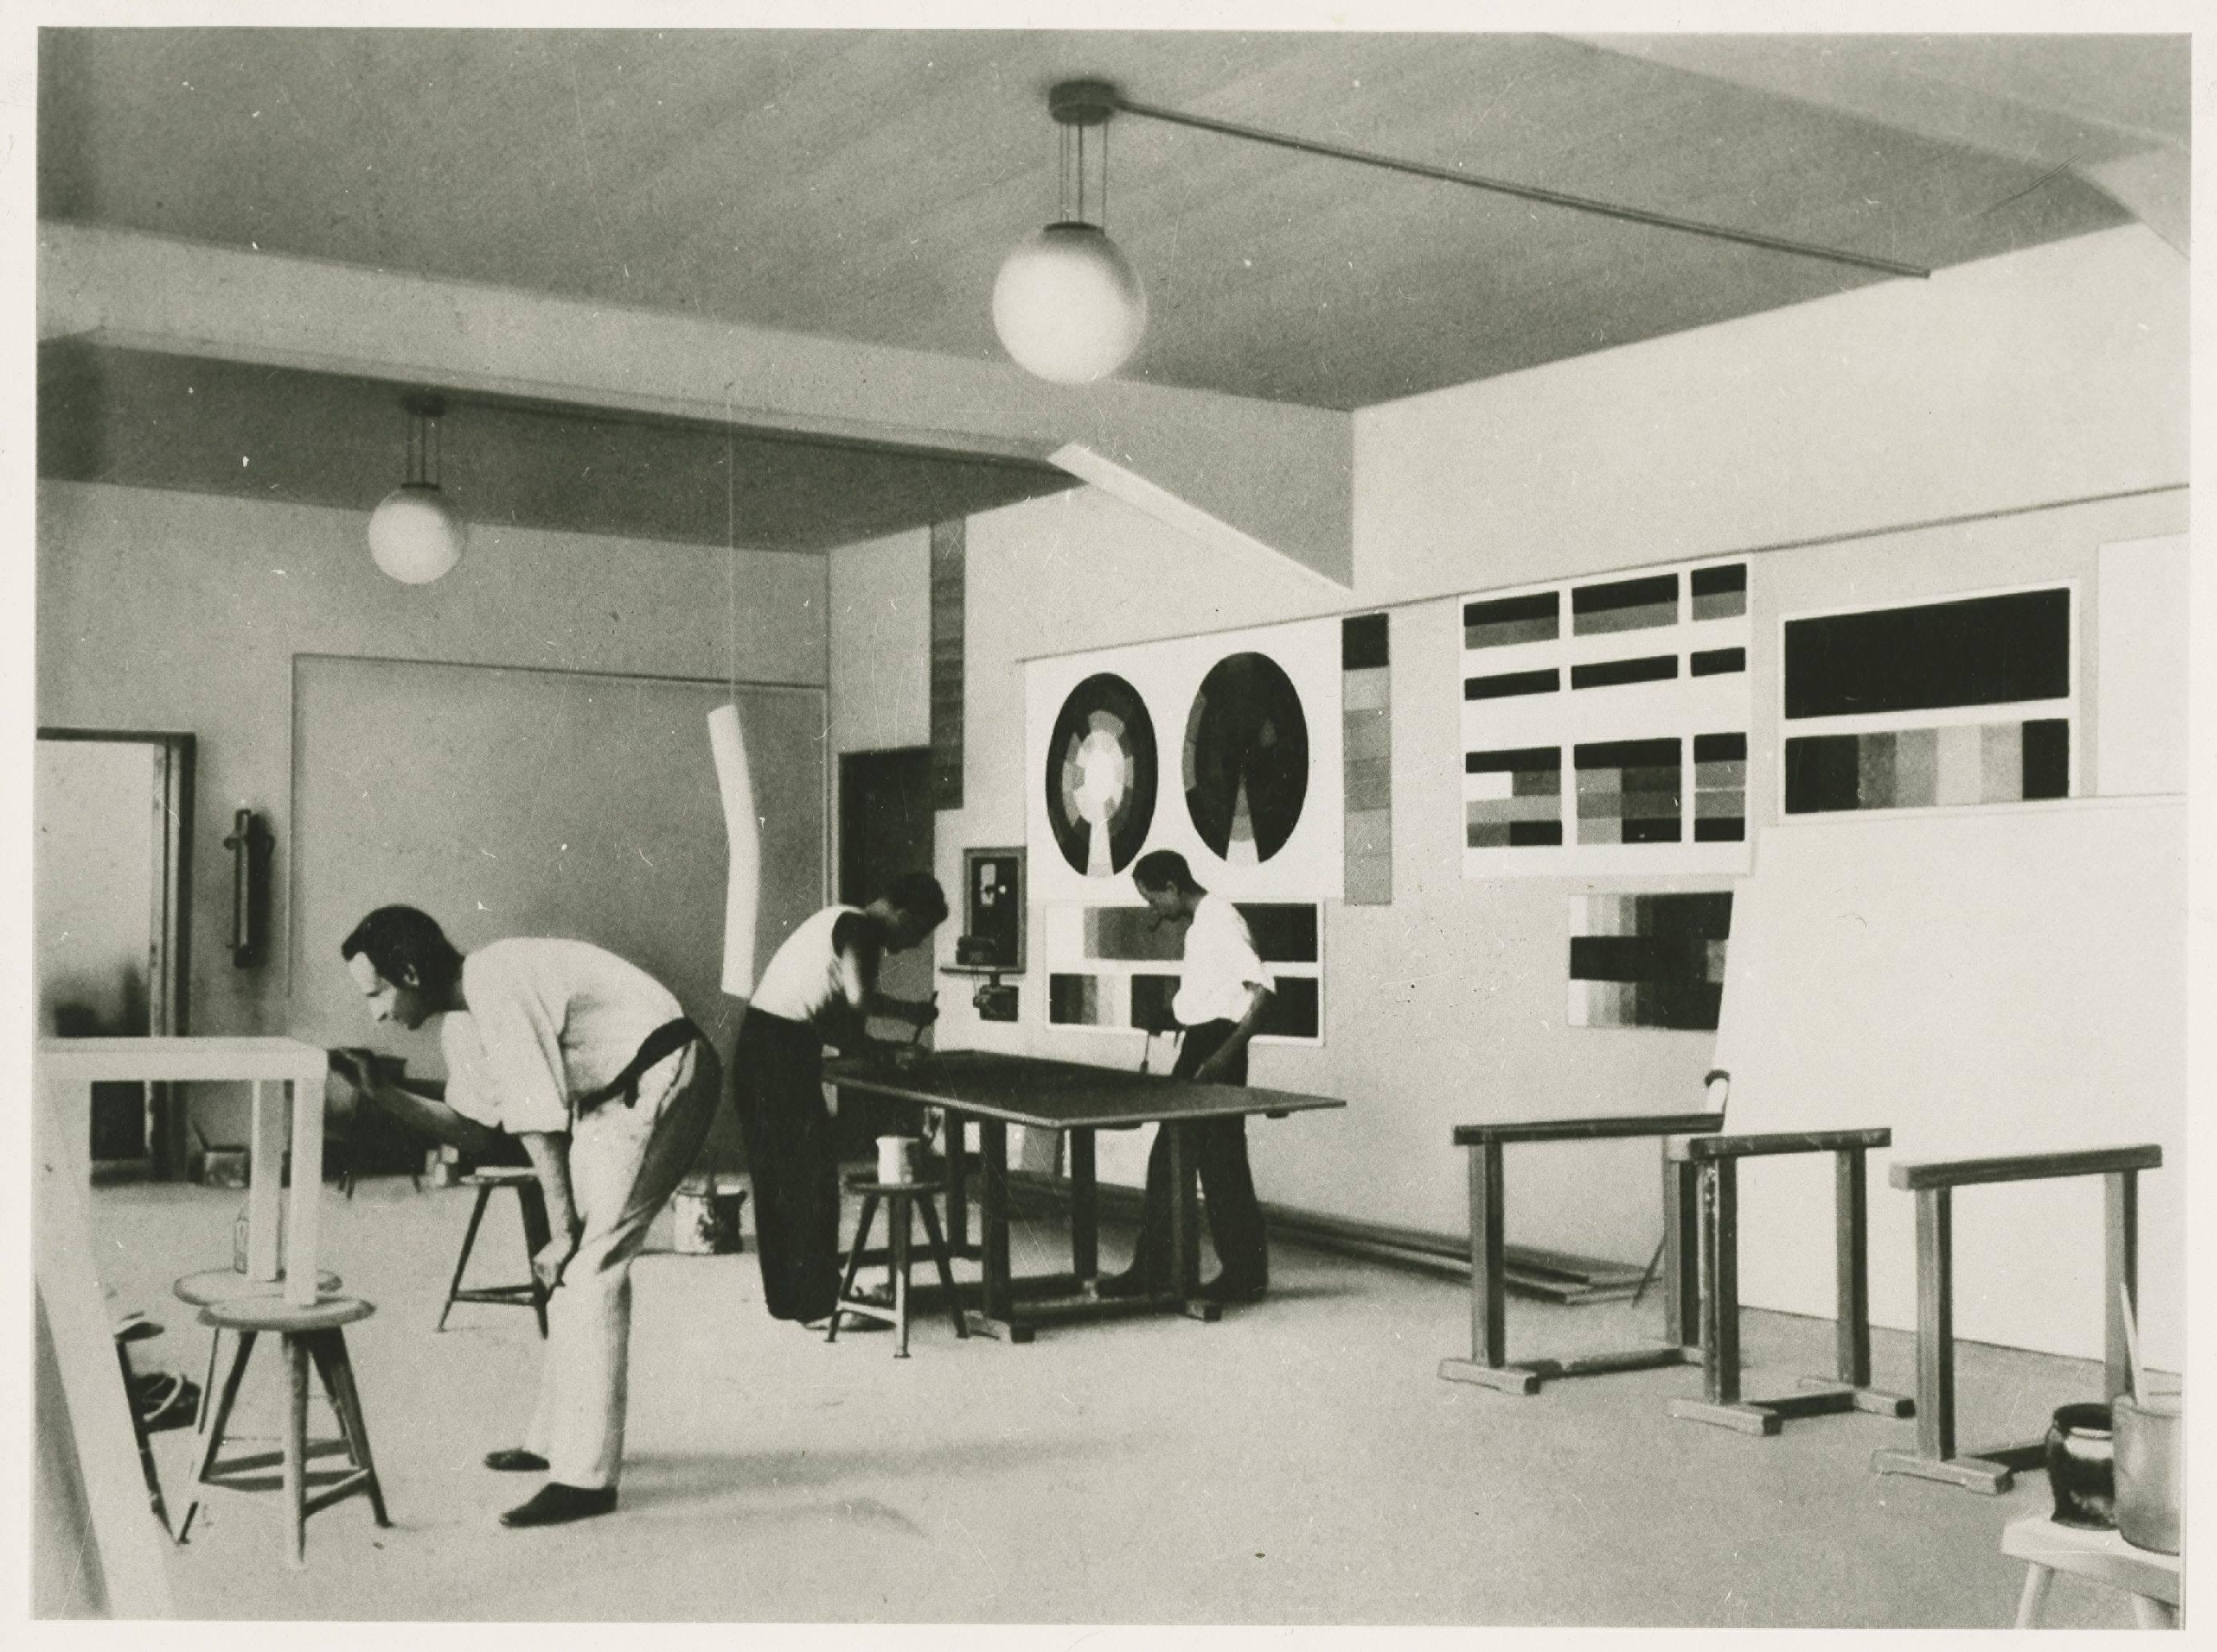 הסדנה לציור-קיר, באוהאוס דסאו, 1926, ארכיון באוהאוס